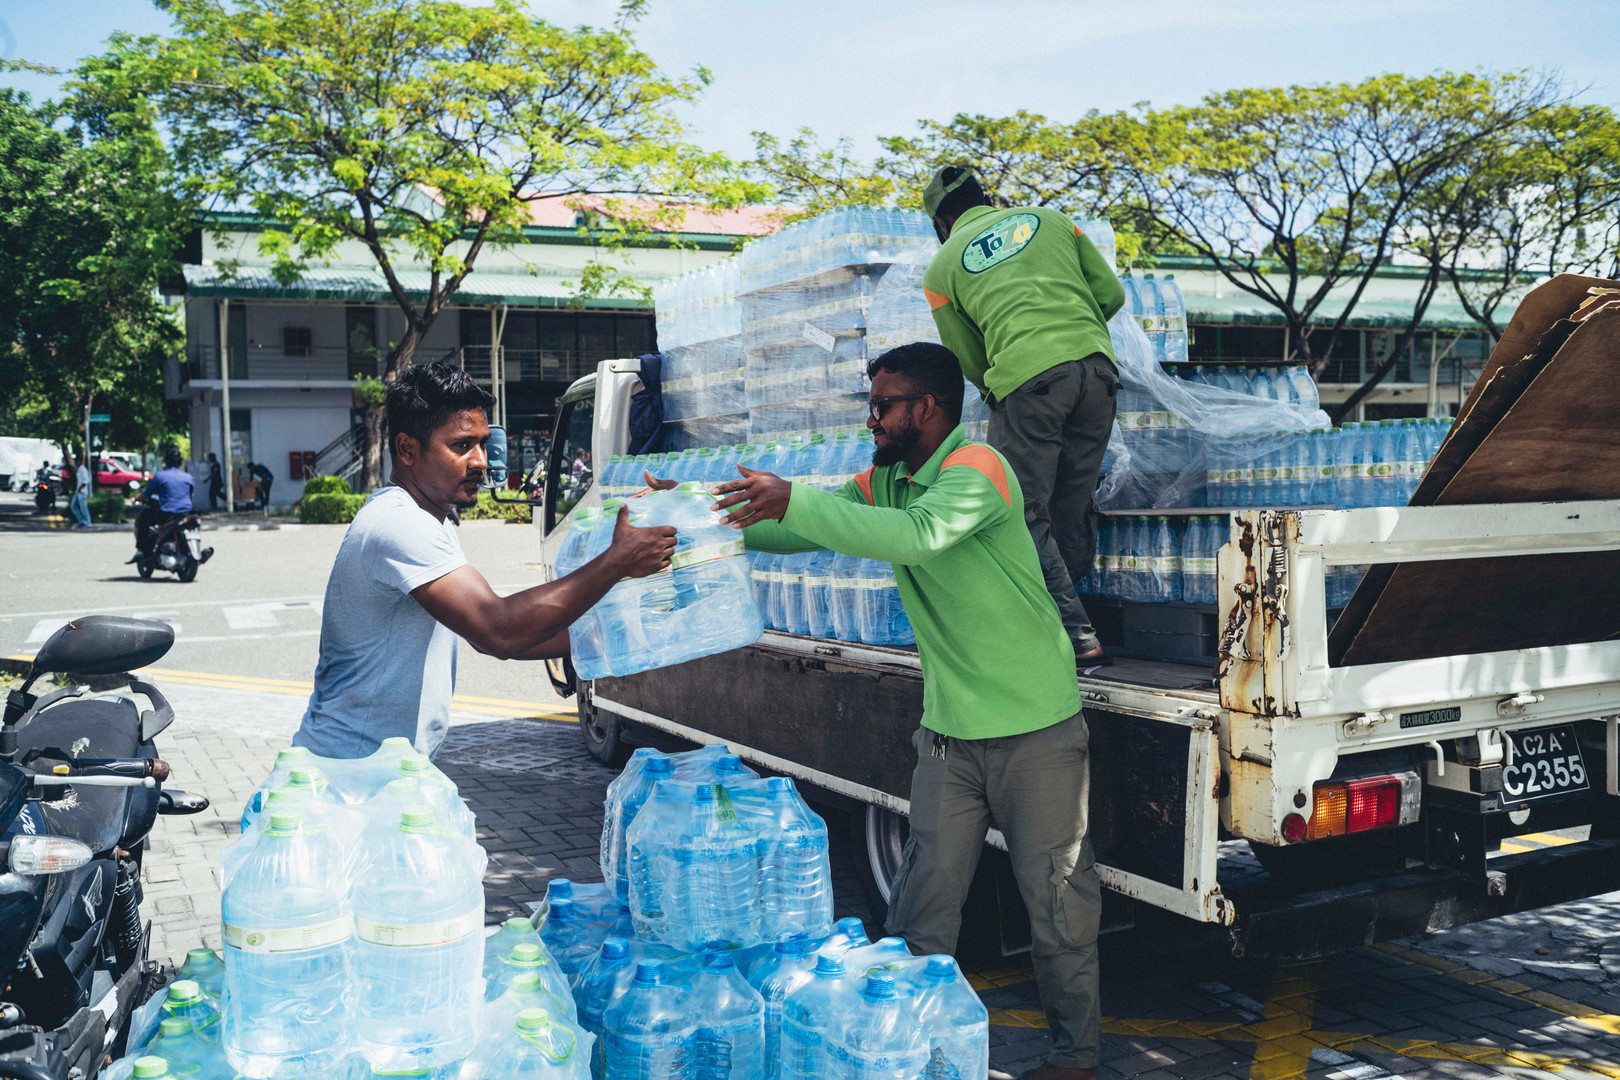 MALDIVES_EDIT_LEBAN006.jpg